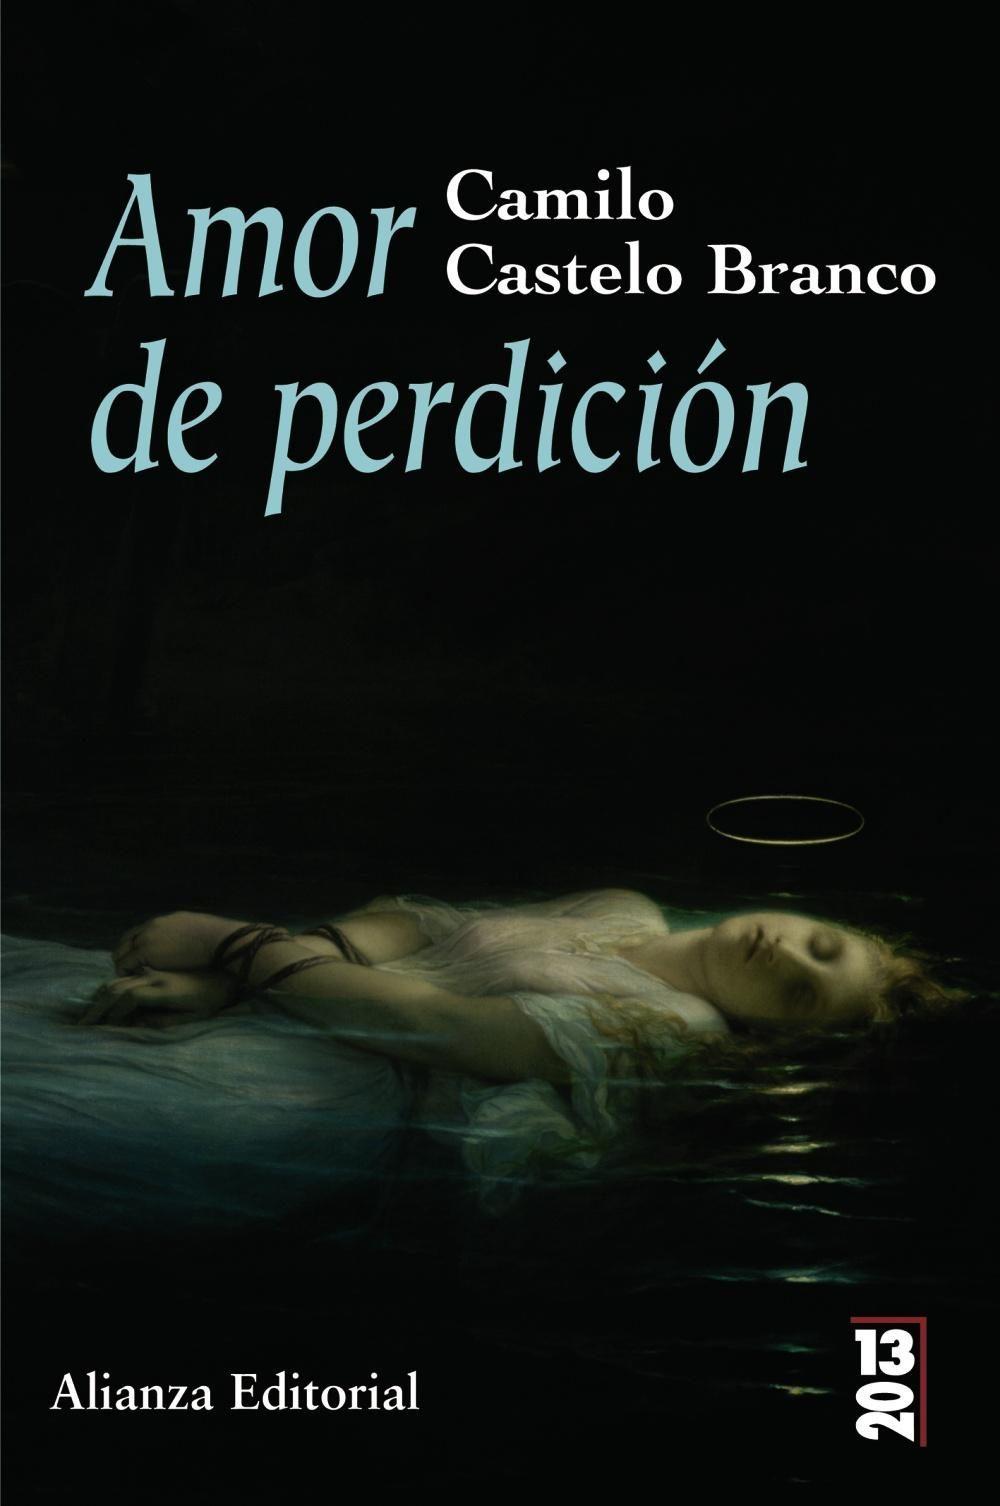 Amor de Perdición, por Camilo Castelo Branco